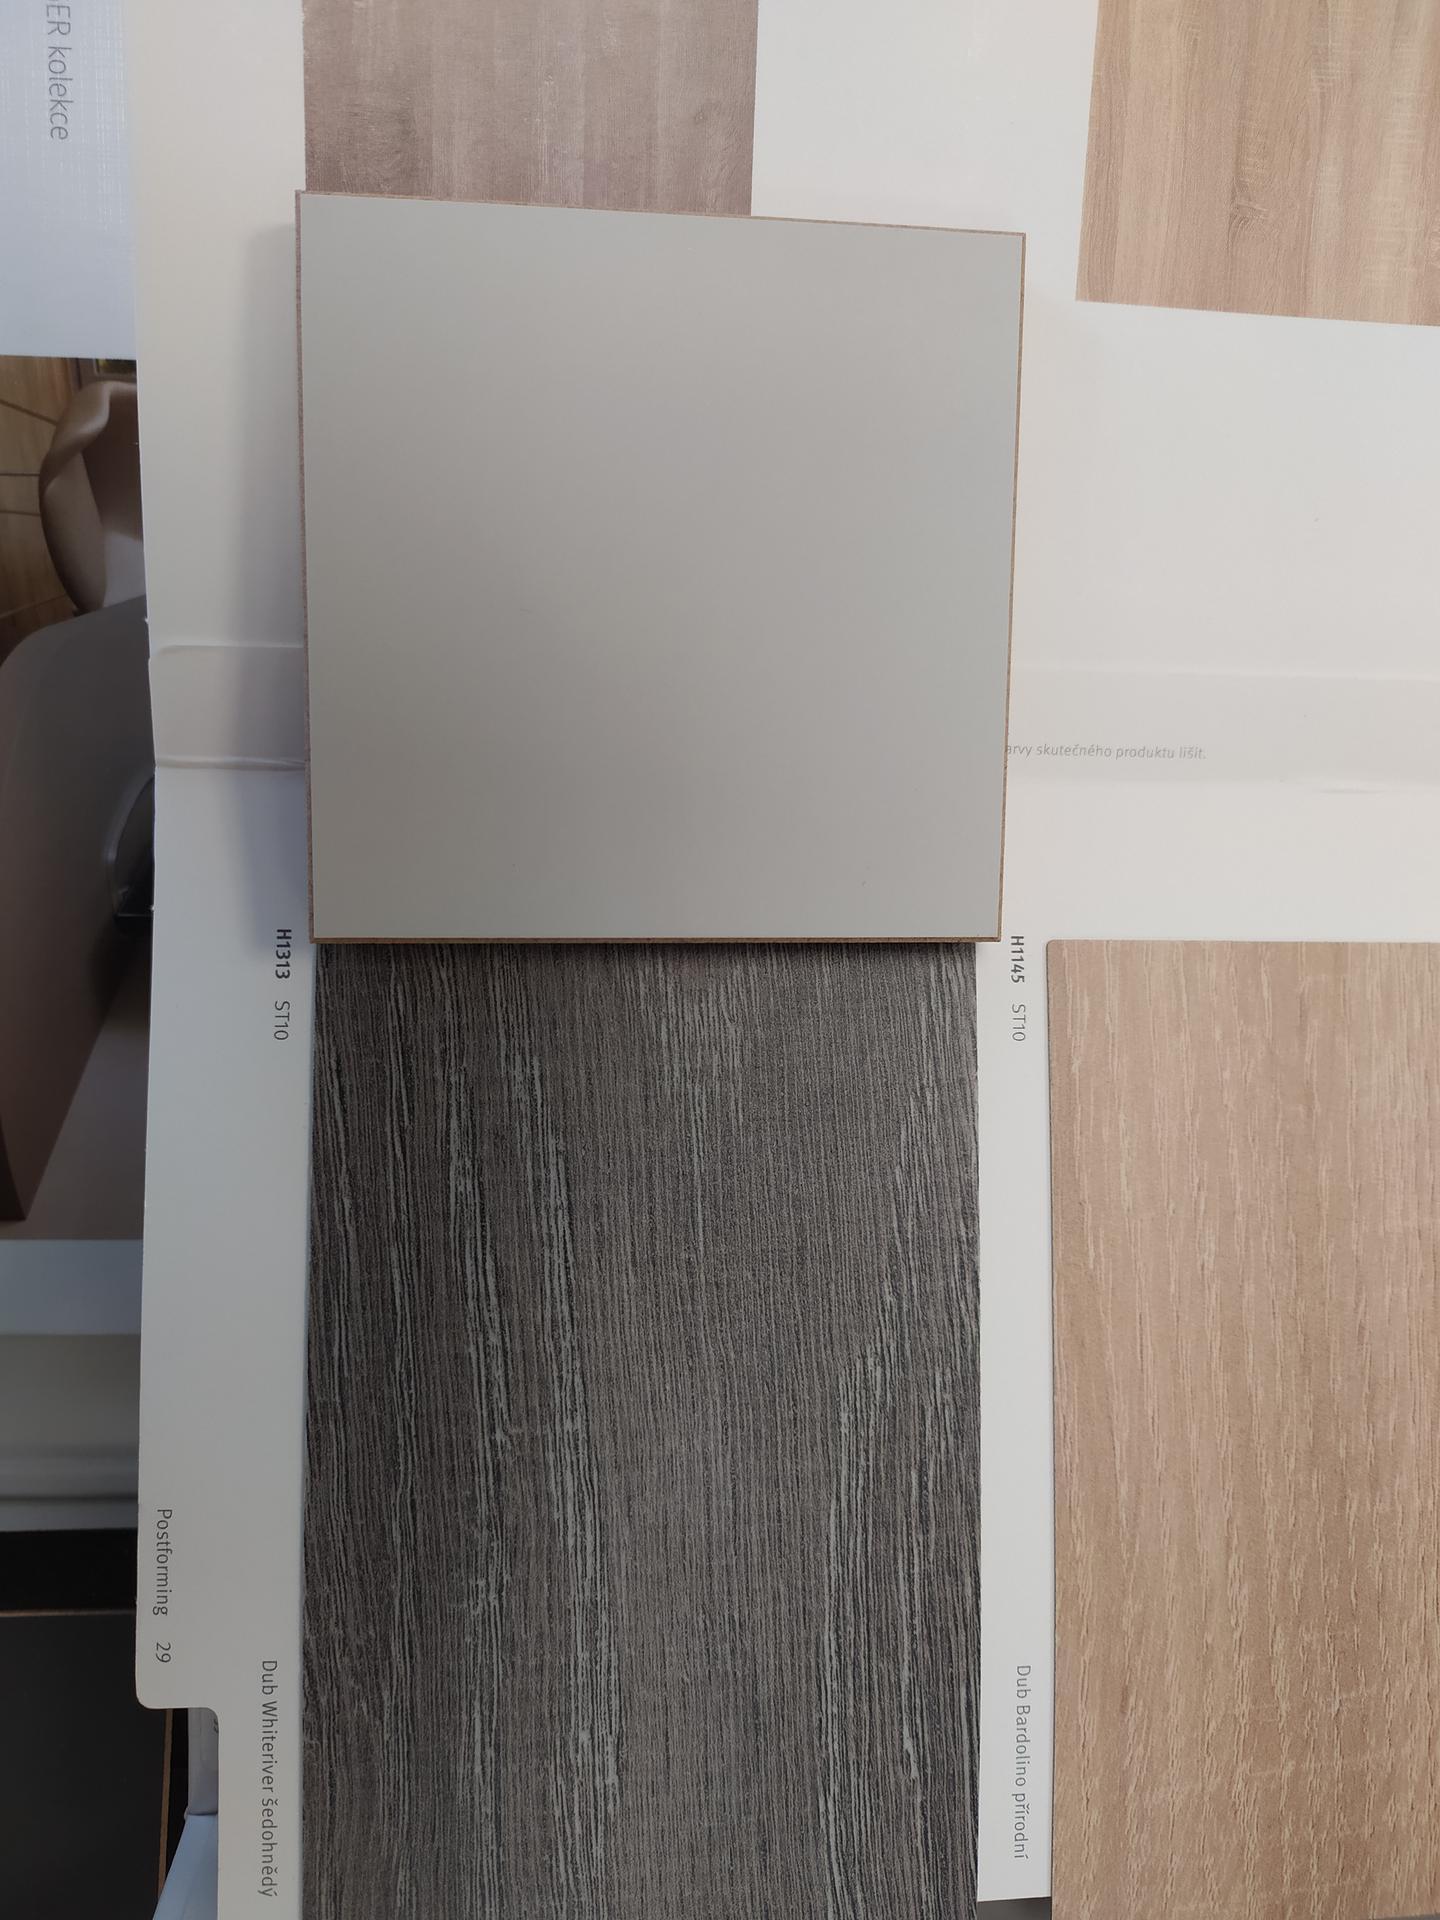 Dobrý den, chtěla bych poradit ohledně kombinace barev, máme vybranou barvu kuchyňské linky od Egger světle šedá perfekctsense mat U 708 ale nevím jakou zvolit pracovní desku  zda třeba beton chicago světle šedý nebo dub whiteriver šedohnědý.Nemate prosím někdo podobnou kombinaci? Děkuji moc za radu nebo případné foto. - Obrázek č. 1